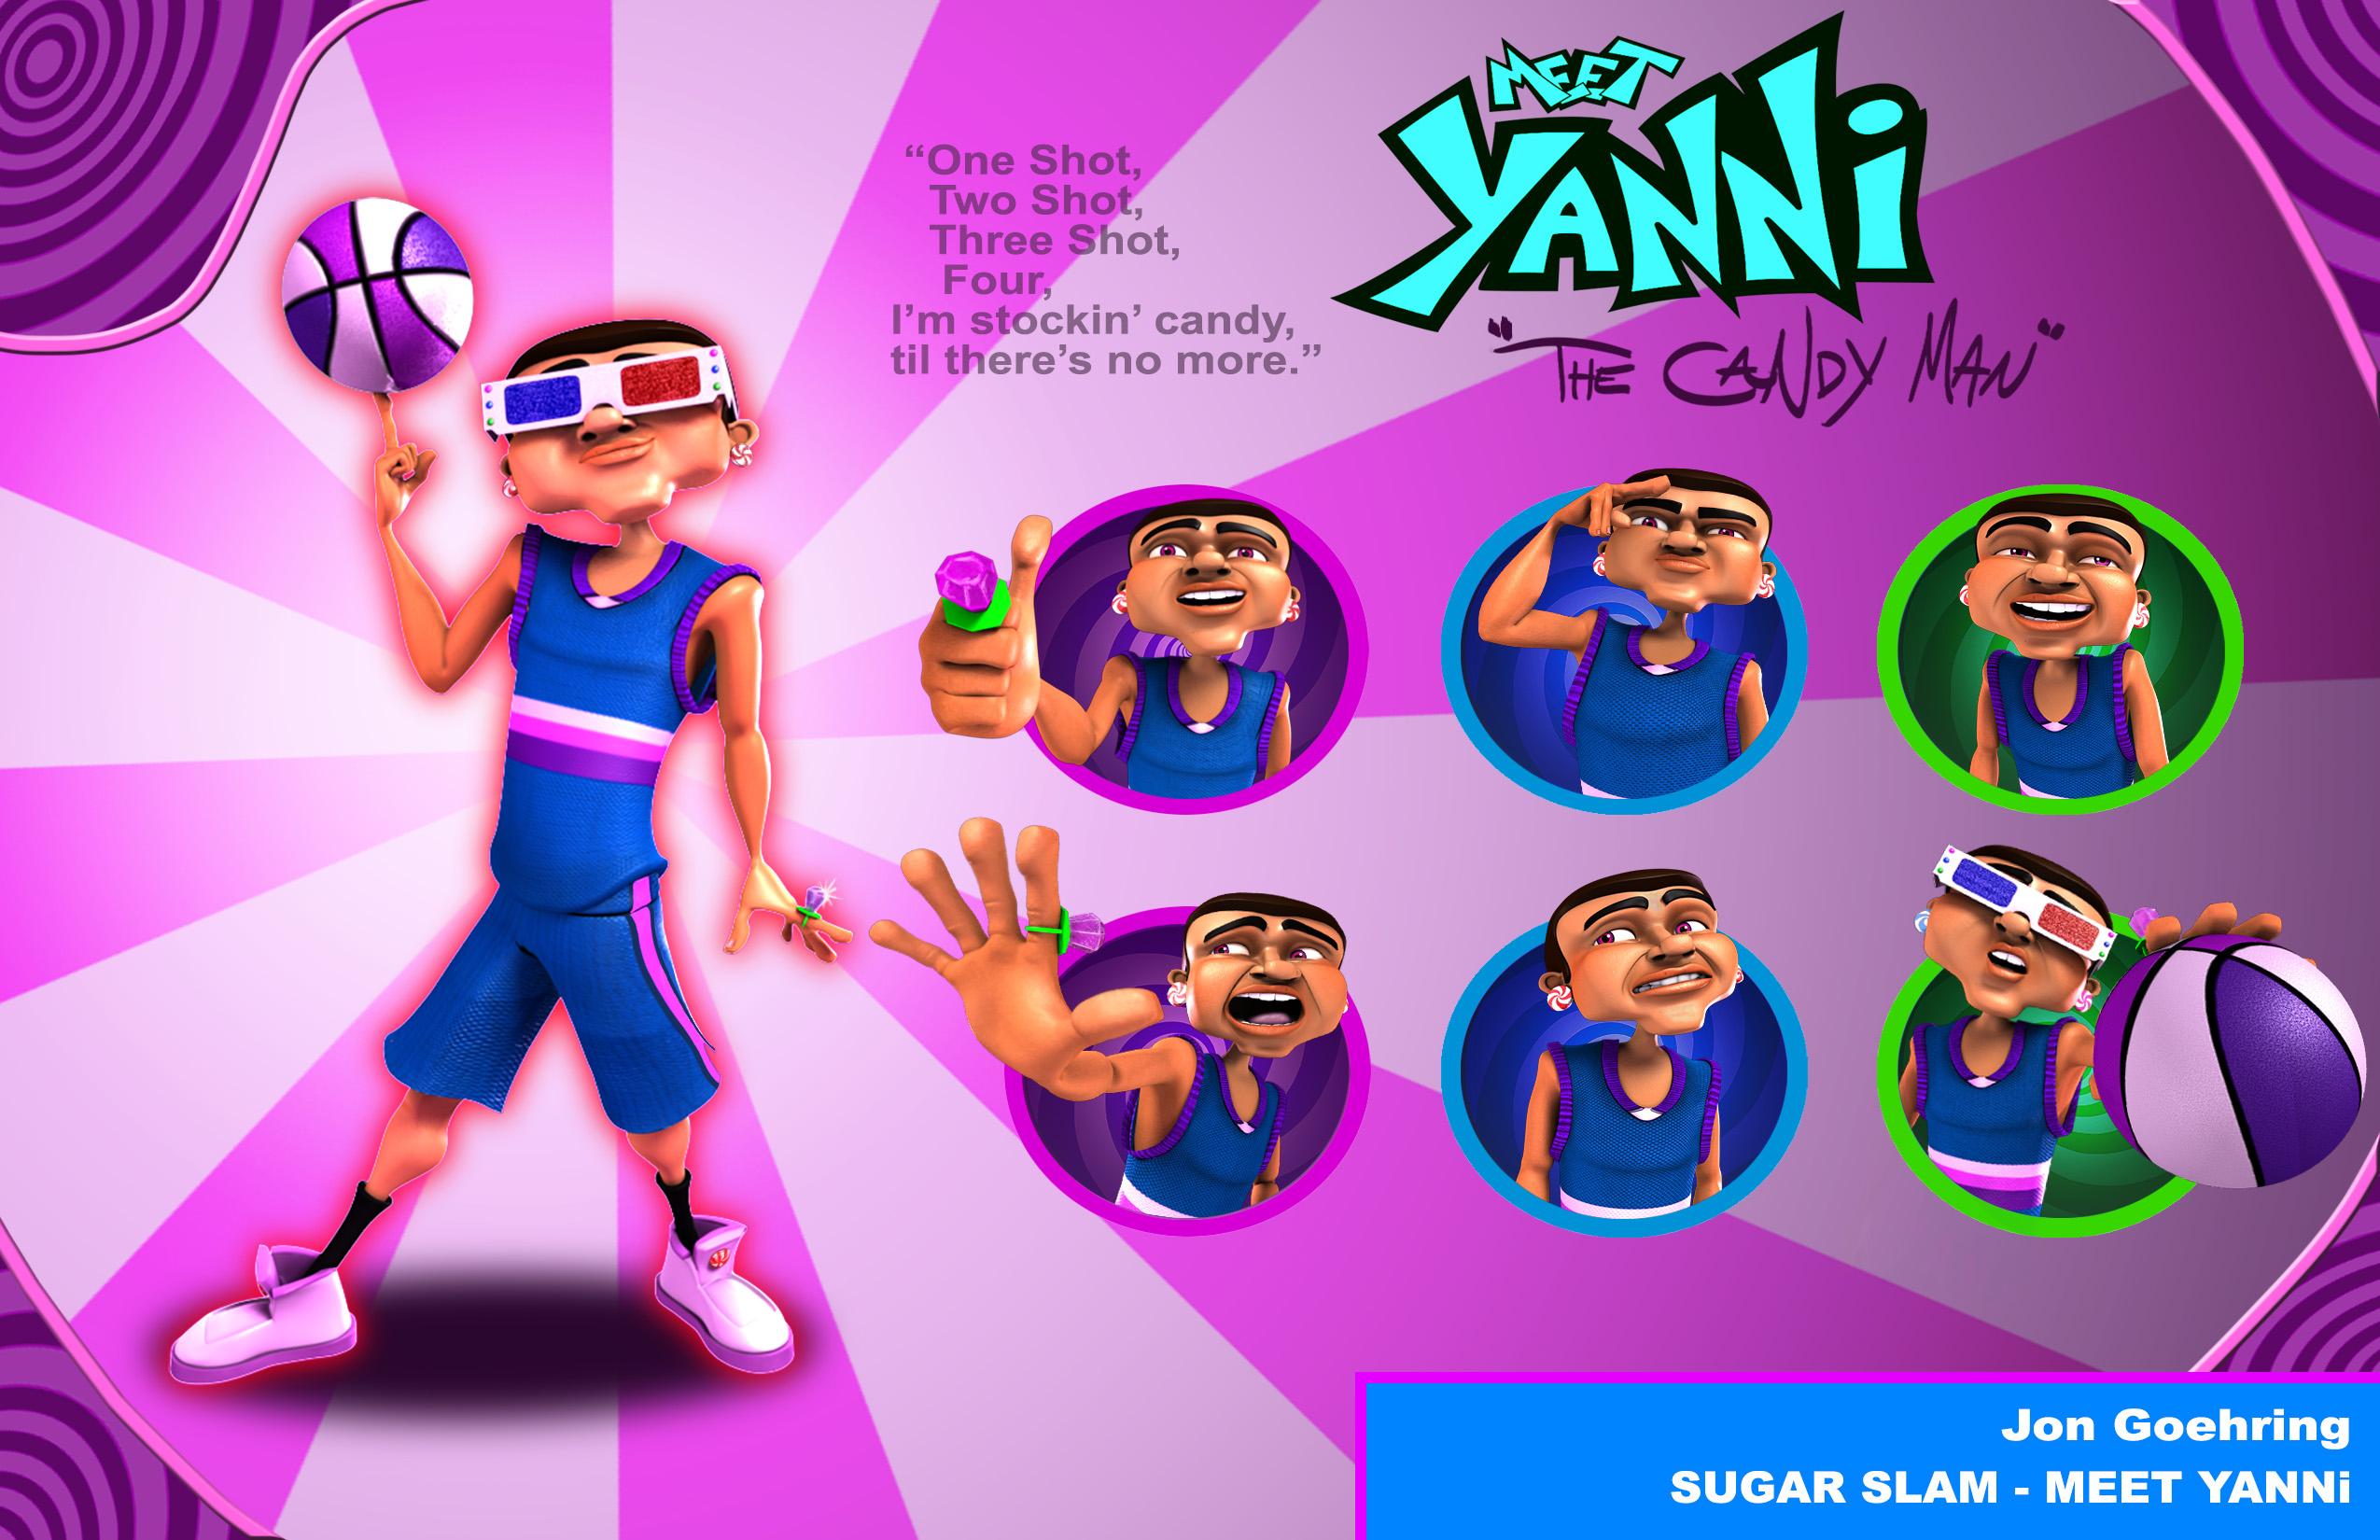 SugarSlam_0001_Yanni_Character